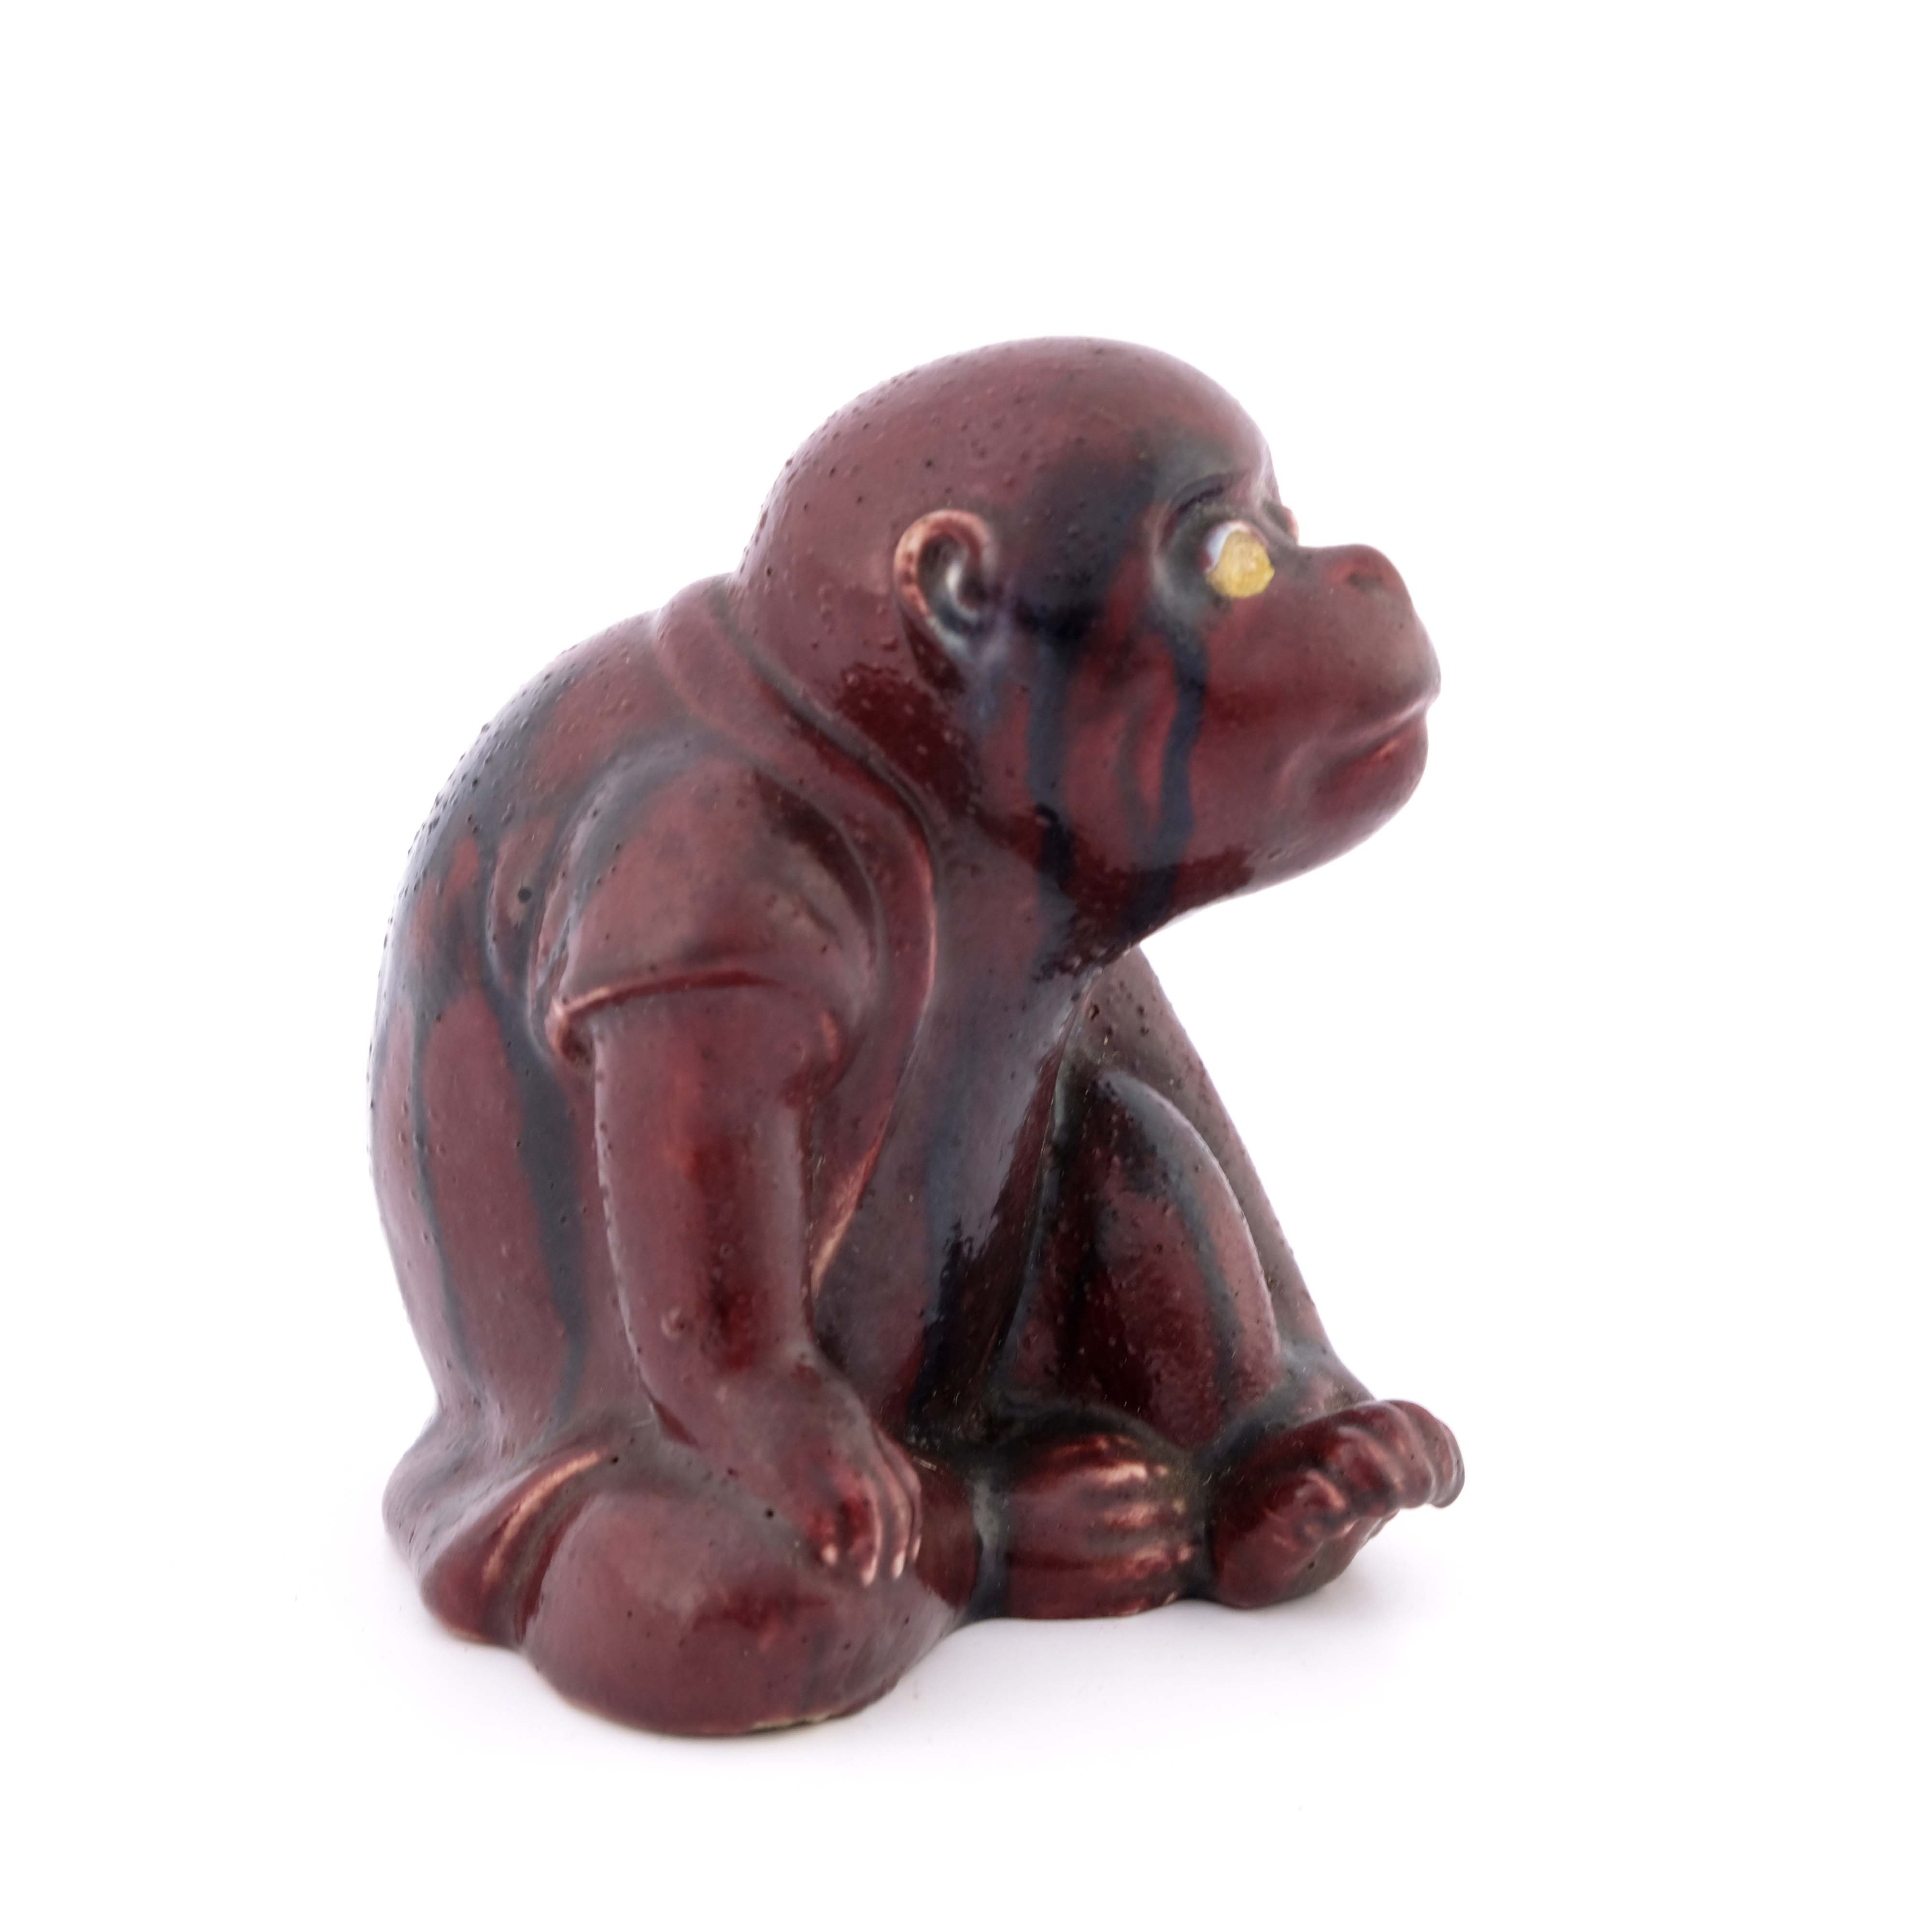 Bernard Moore, a flambe figure of a monkey - Image 2 of 4